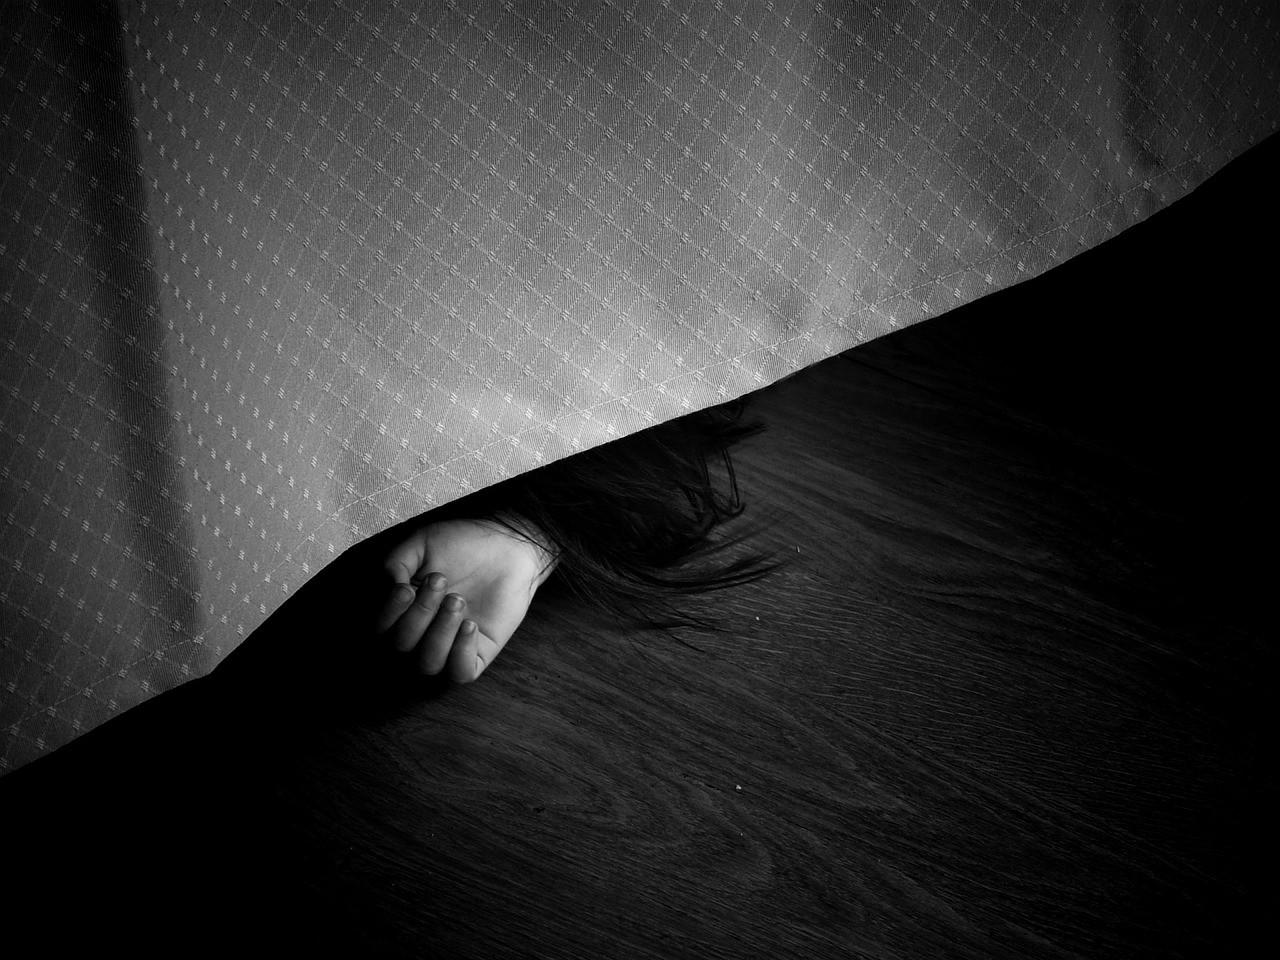 ▲▼殺人,兇殺,謀殺,恐怖,驚悚(圖/取自免費圖庫Pixabay)